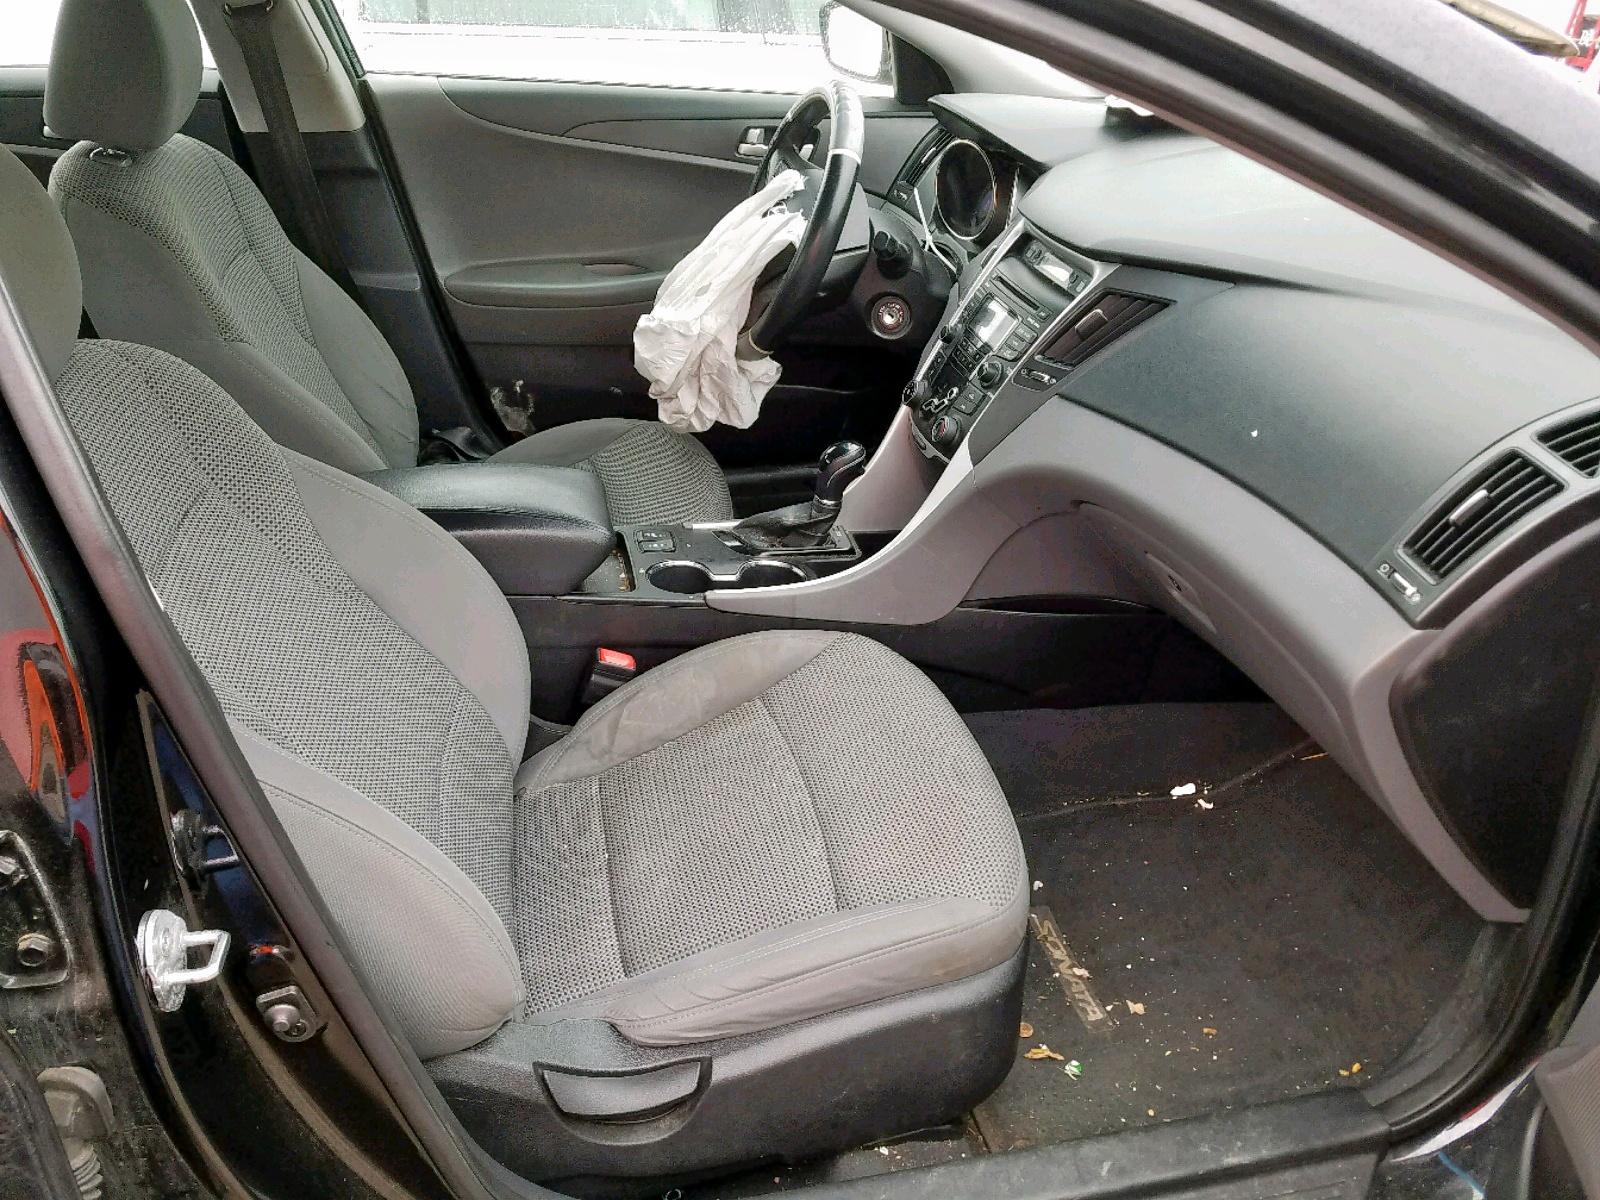 2013 Hyundai Sonata Gls 2.4L close up View